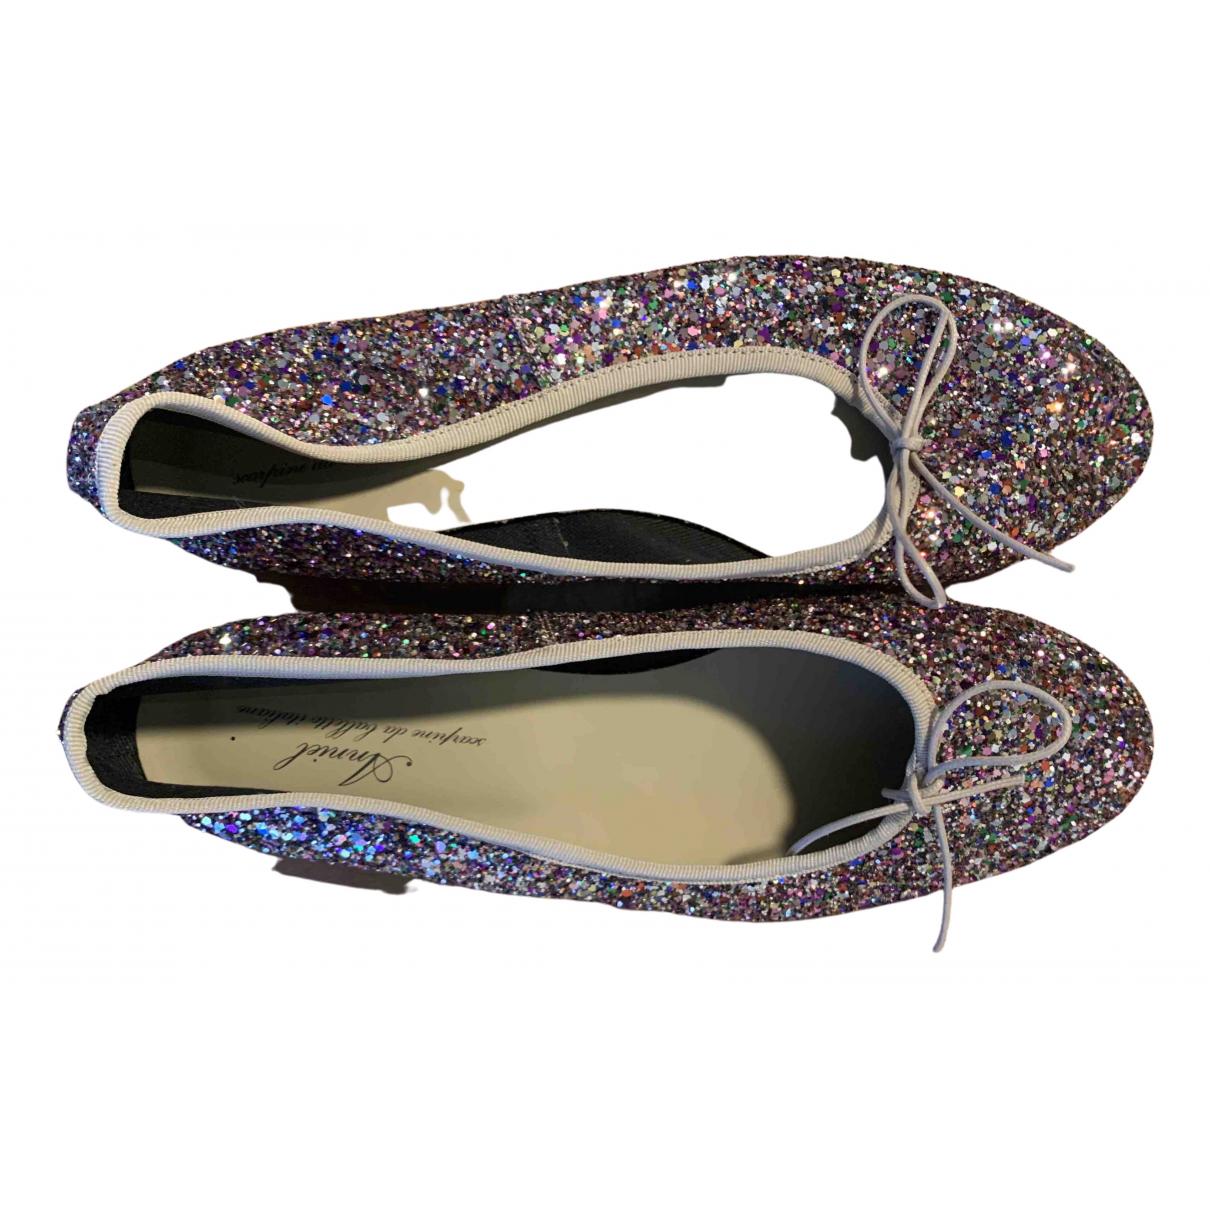 Anniel \N Ballerinas in  Bunt Mit Pailletten